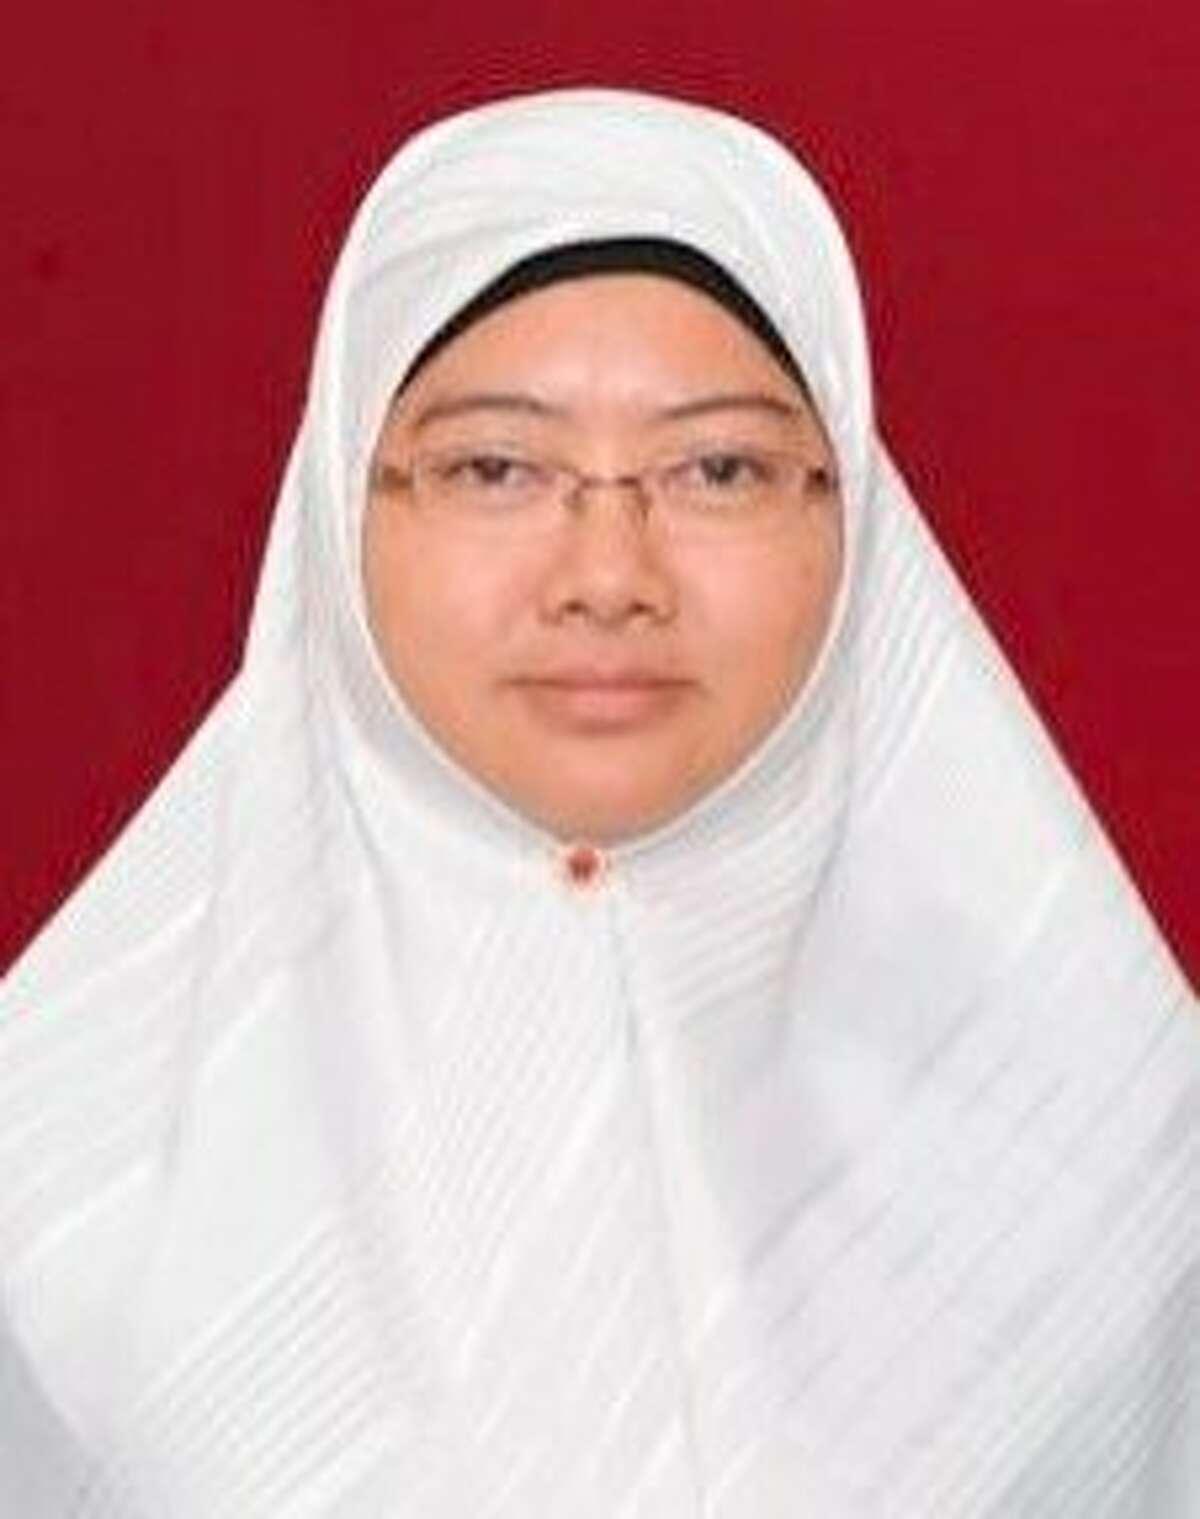 Rahinah Ibrahim